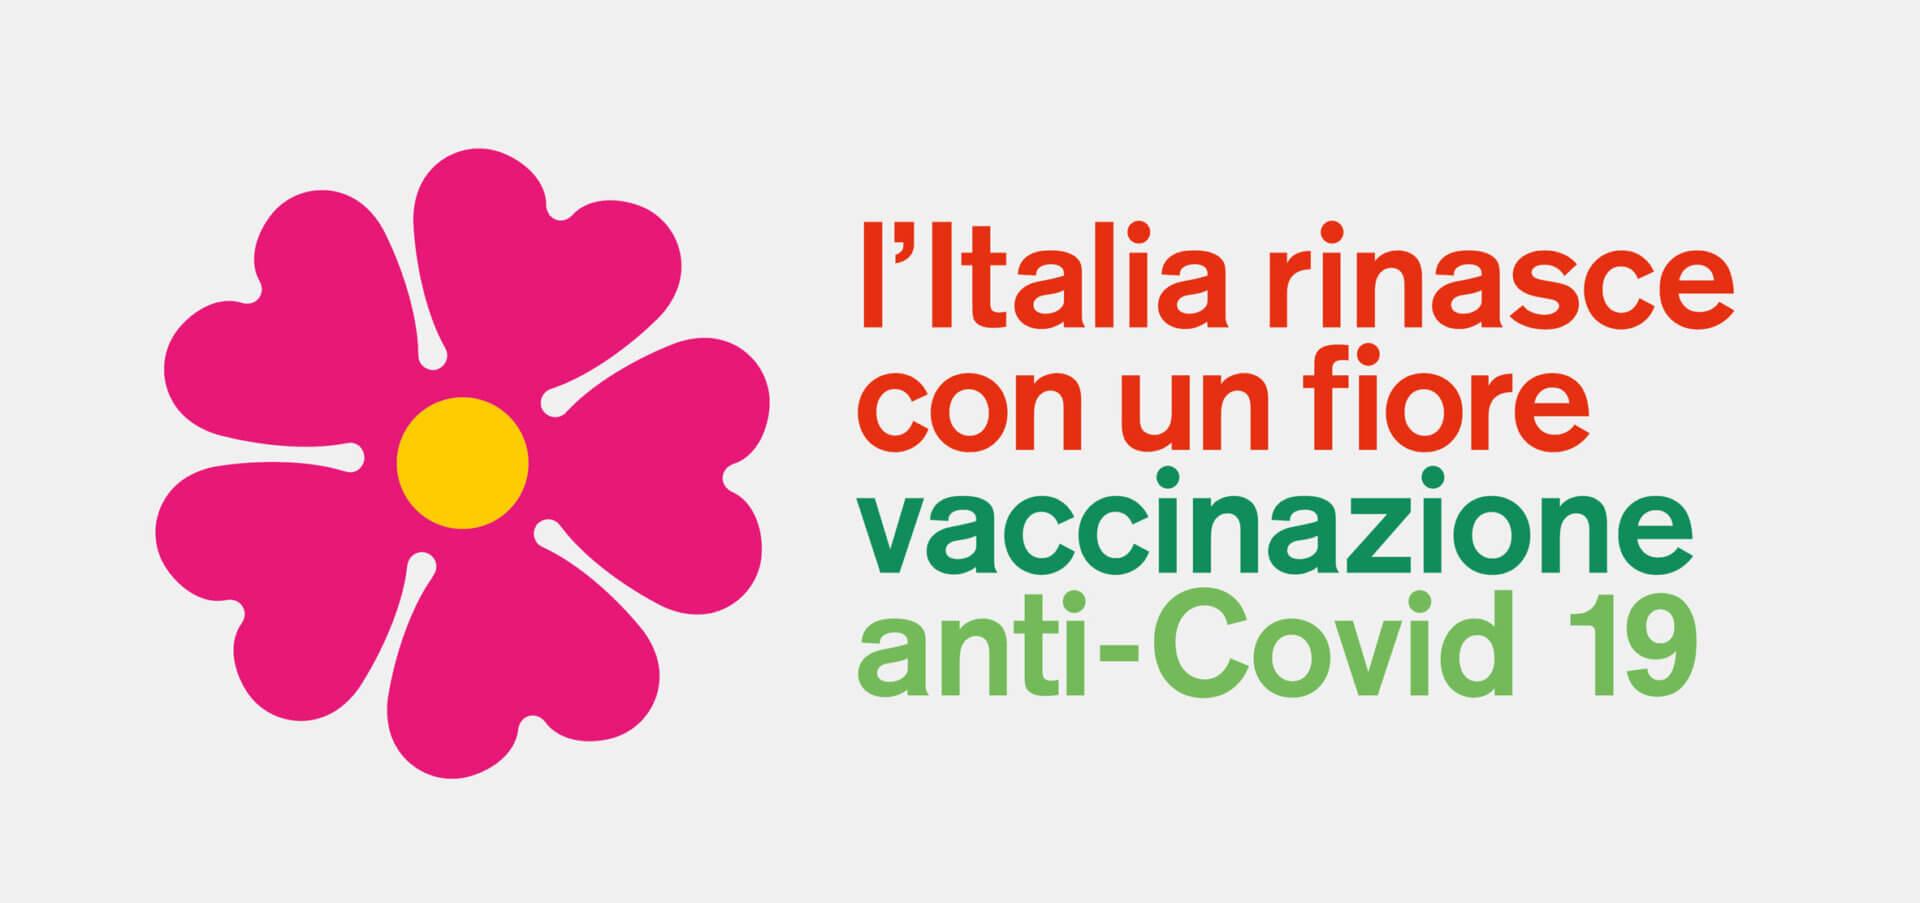 Entwurf des Architekten Stefano Boeri Architetti für ein Pro-Impf-Logo in Italien.